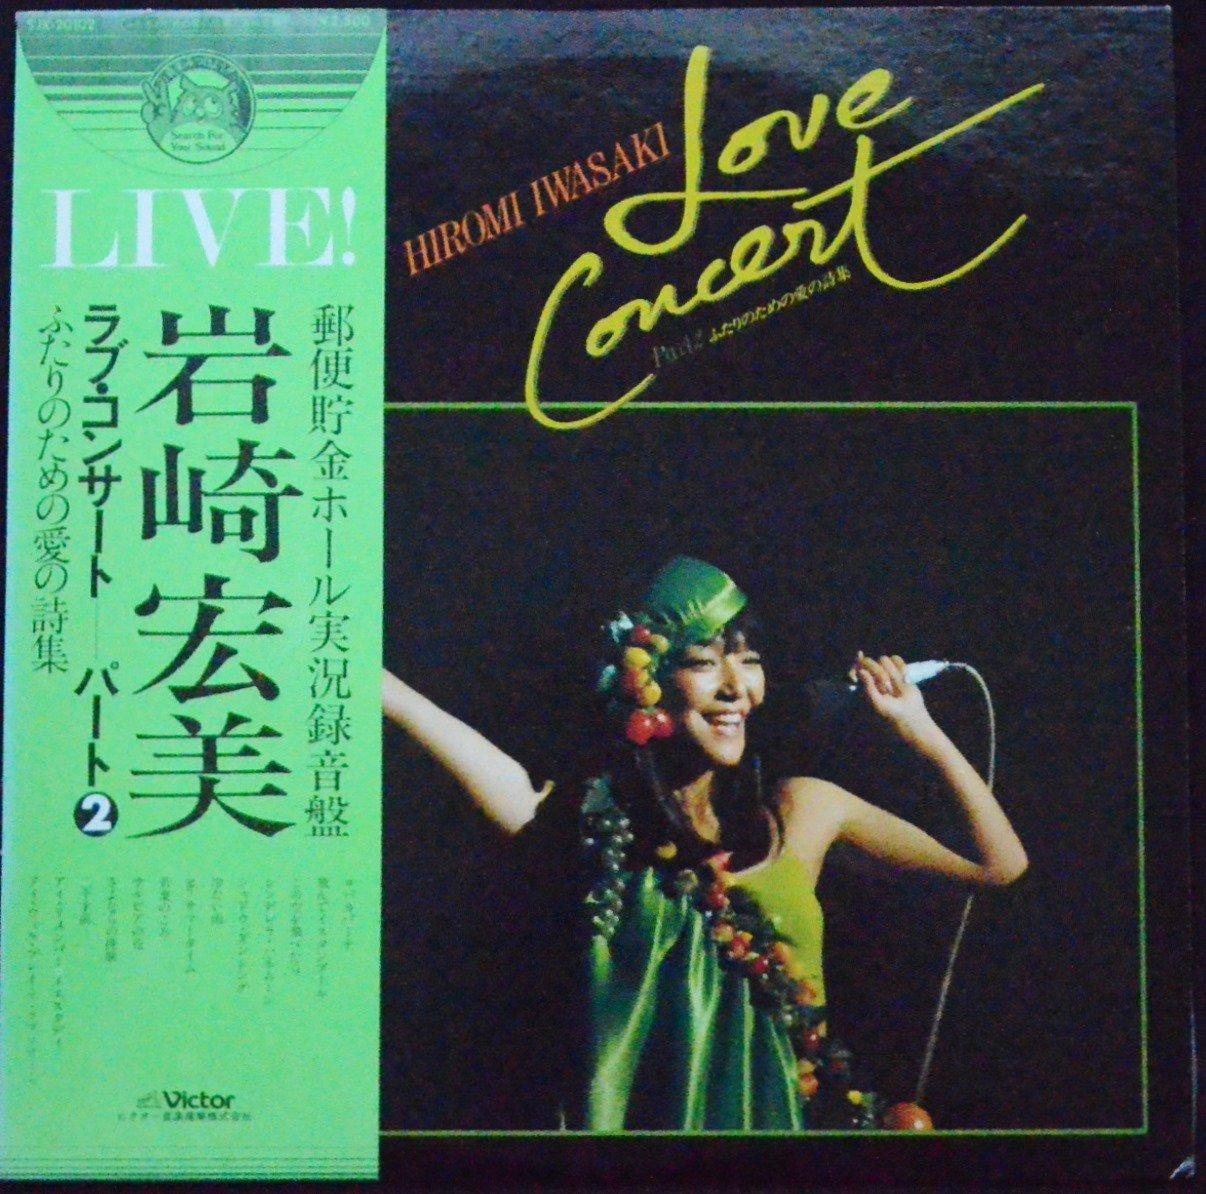 岩崎宏美 HIROMI IWASAKI / ラブ・コンサート - パート2 (ふたりのための愛の詩集) / LOVE CONCERT PART 2 (LP)